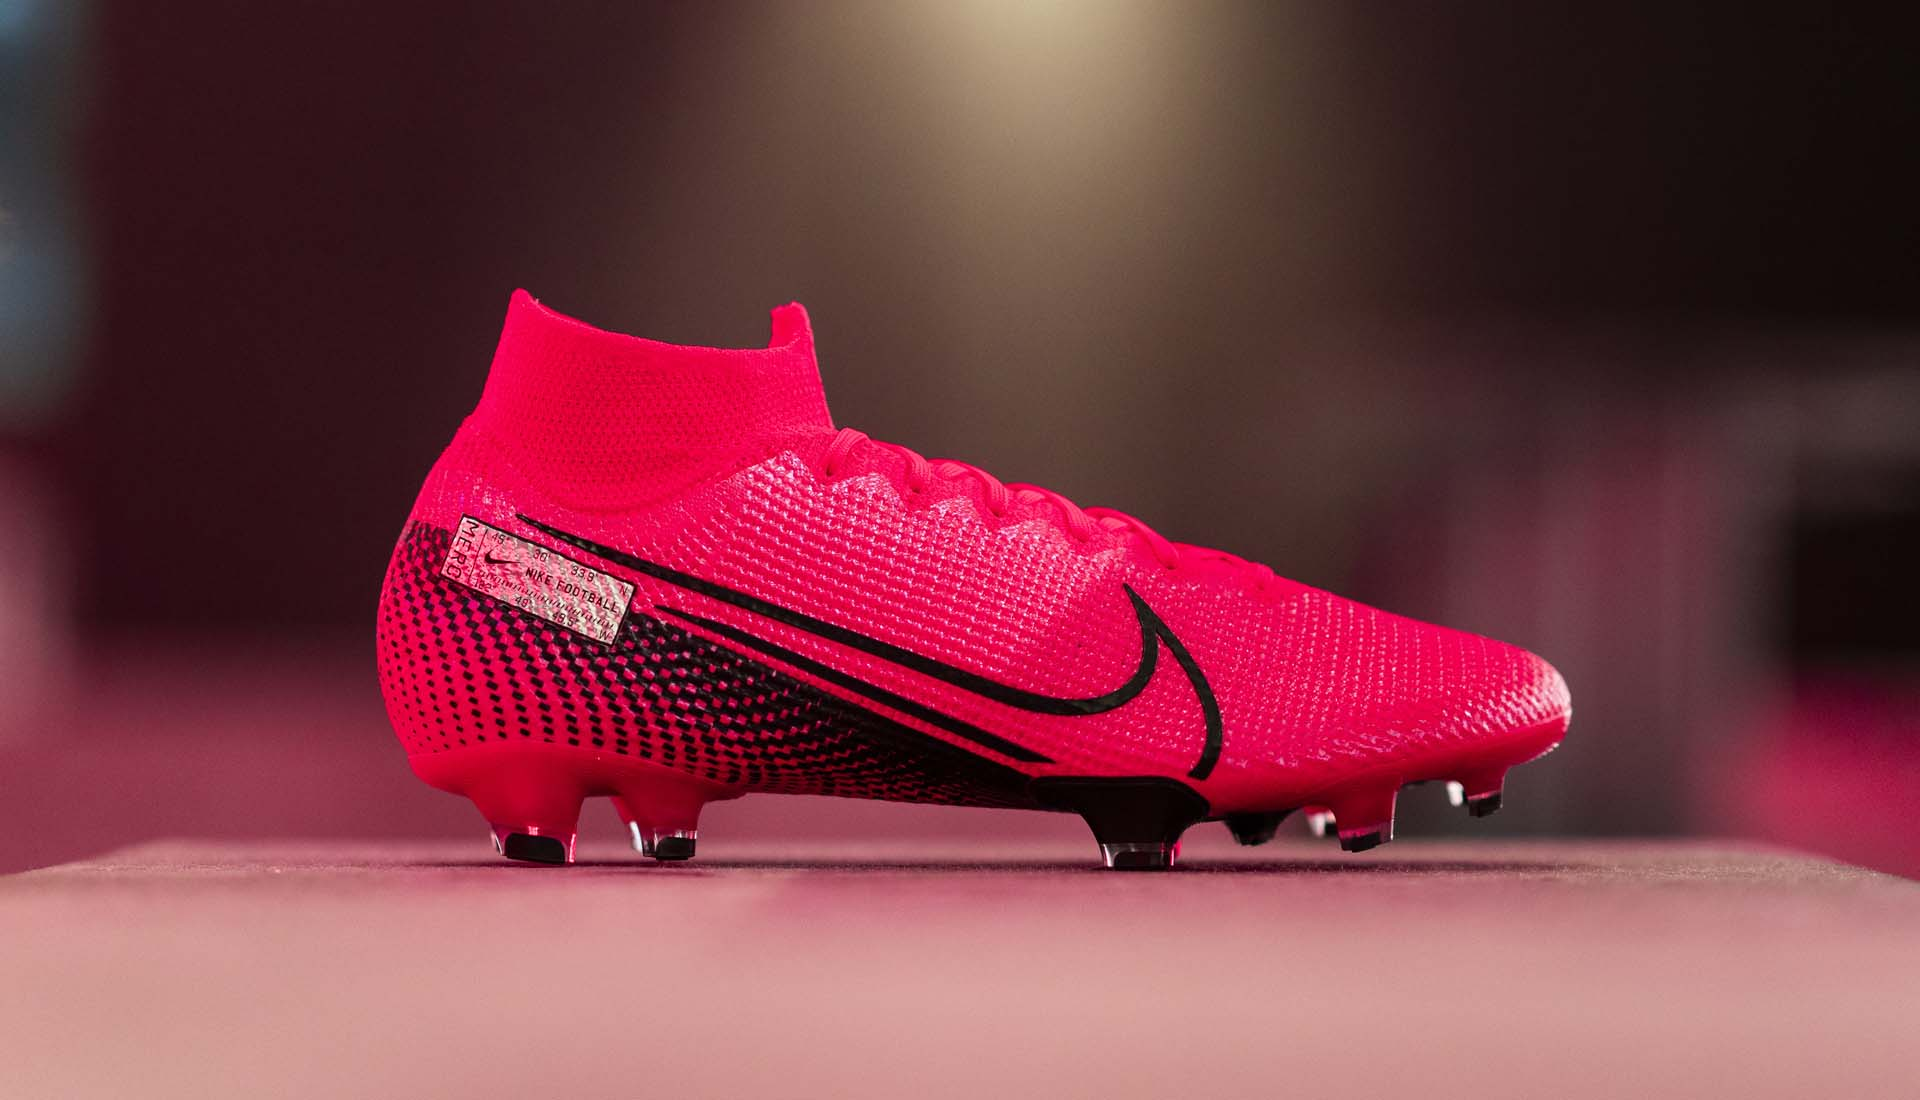 Nike Mercurial là dòng giày đá bóng trợ tốc có trọng lượng nhẹ nhất của Nike